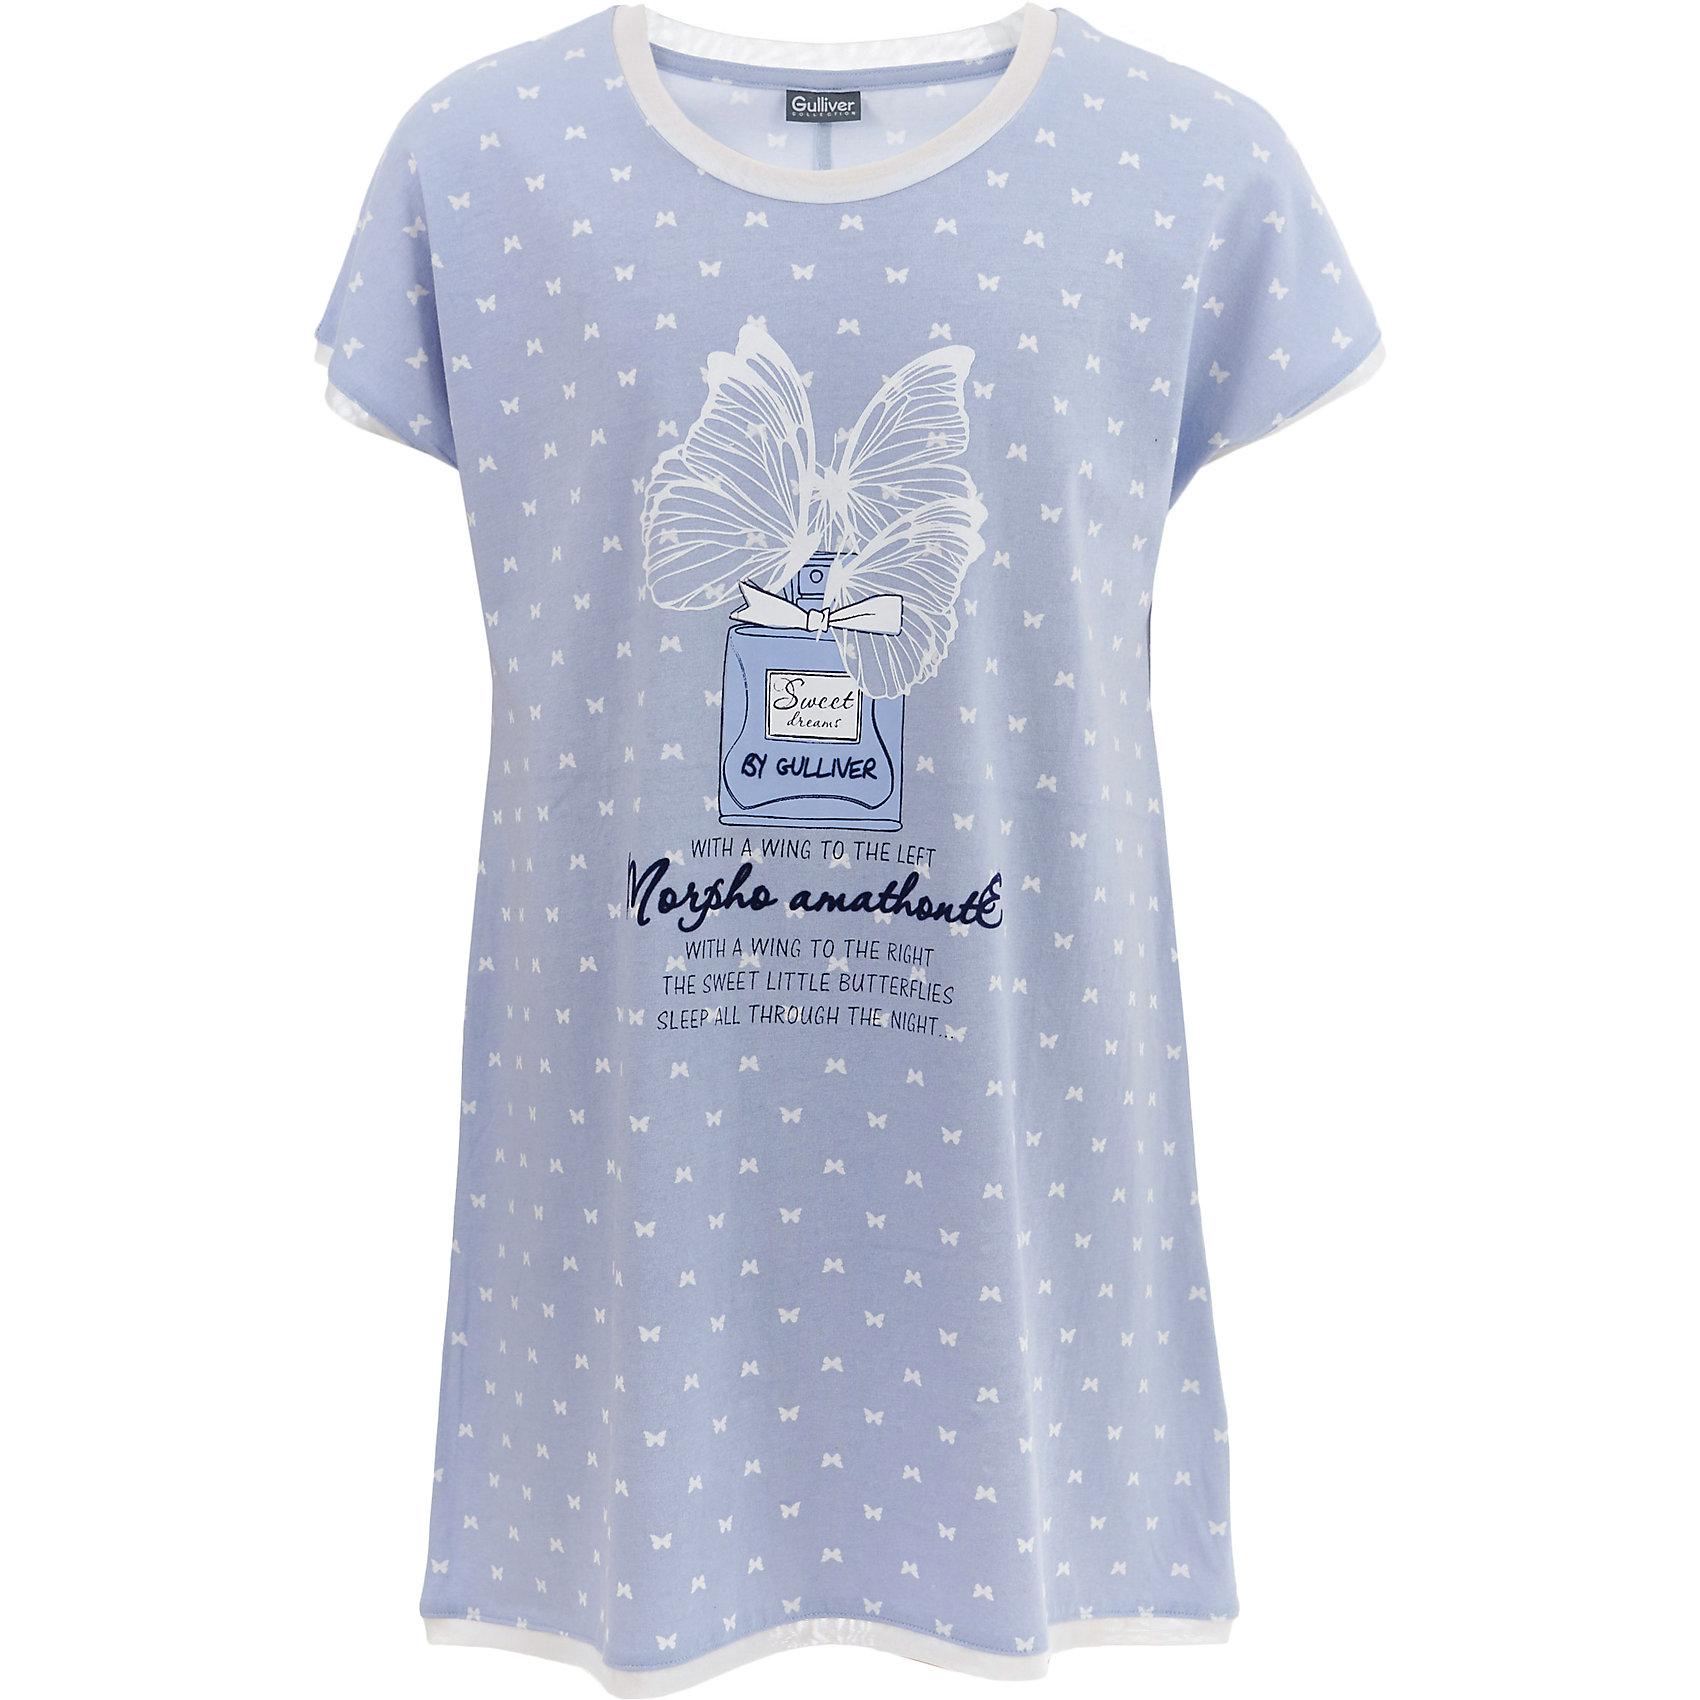 Ночная сорочка Gulliver для девочкиПижамы и сорочки<br>Ночная сорочка Gulliver для девочки<br>Белье для девочки должно быть красивым и качественным! - воспитывать вкус ребенка нужно с самого детства, прививая любовь к достойным эстетичным вещам. Ночная сорочка с оригинальным принтом - прекрасное решение для интересной вечерней сказки, комфортного сна и счастливого пробуждения. Мягкая, нежная, с ненавязчивым мелким рисунком и изящными деталями, ночная сорочка от Gulliver подчеркнет уютную домашнюю атмосферу и создаст отличное настроение.<br>Состав:<br>95% хлопок        5% эластан<br><br>Ширина мм: 281<br>Глубина мм: 70<br>Высота мм: 188<br>Вес г: 295<br>Цвет: голубой<br>Возраст от месяцев: 120<br>Возраст до месяцев: 132<br>Пол: Женский<br>Возраст: Детский<br>Размер: 146,158,98,110,122,134<br>SKU: 7078375